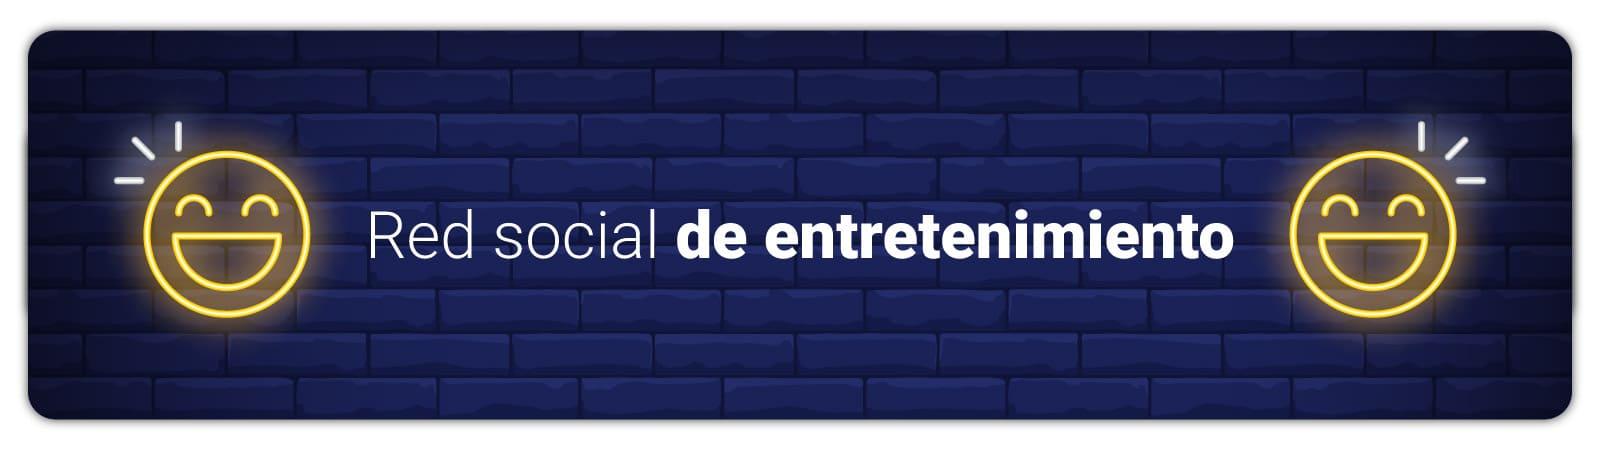 art-03-Red-social-de-entretenimiento1